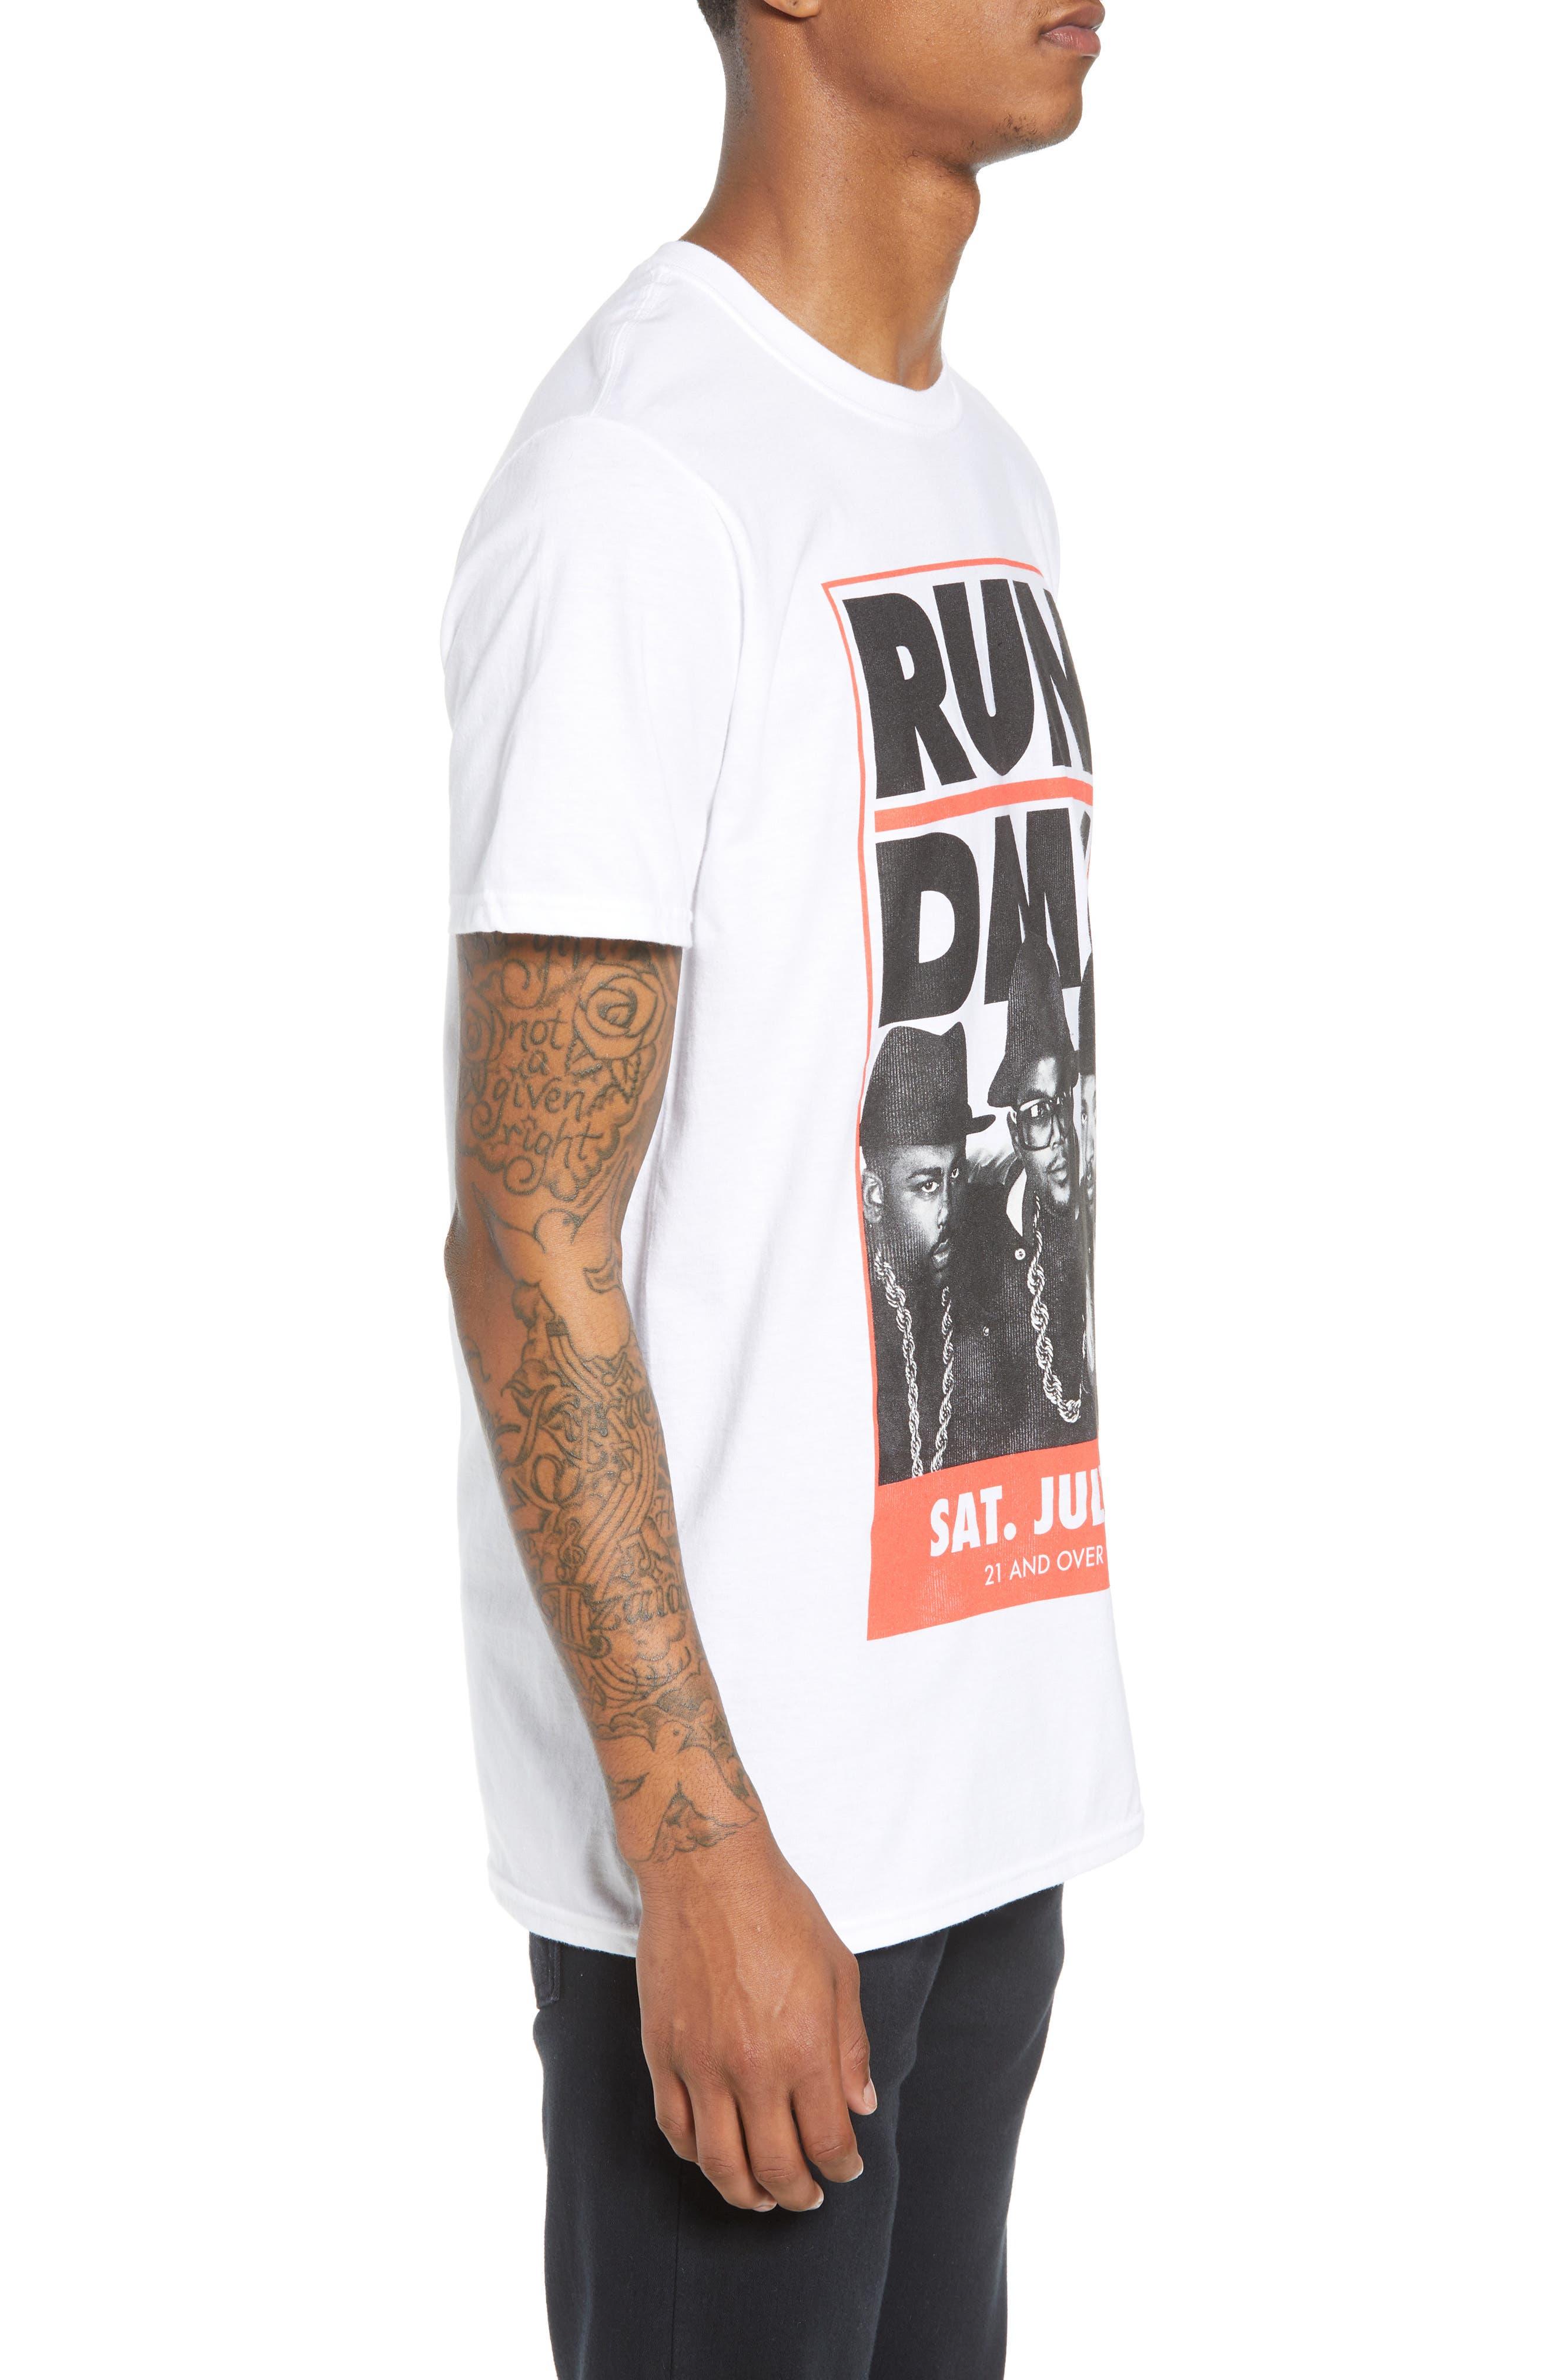 Run-DMC T-Shirt,                             Alternate thumbnail 3, color,                             White Tee Run Dmc